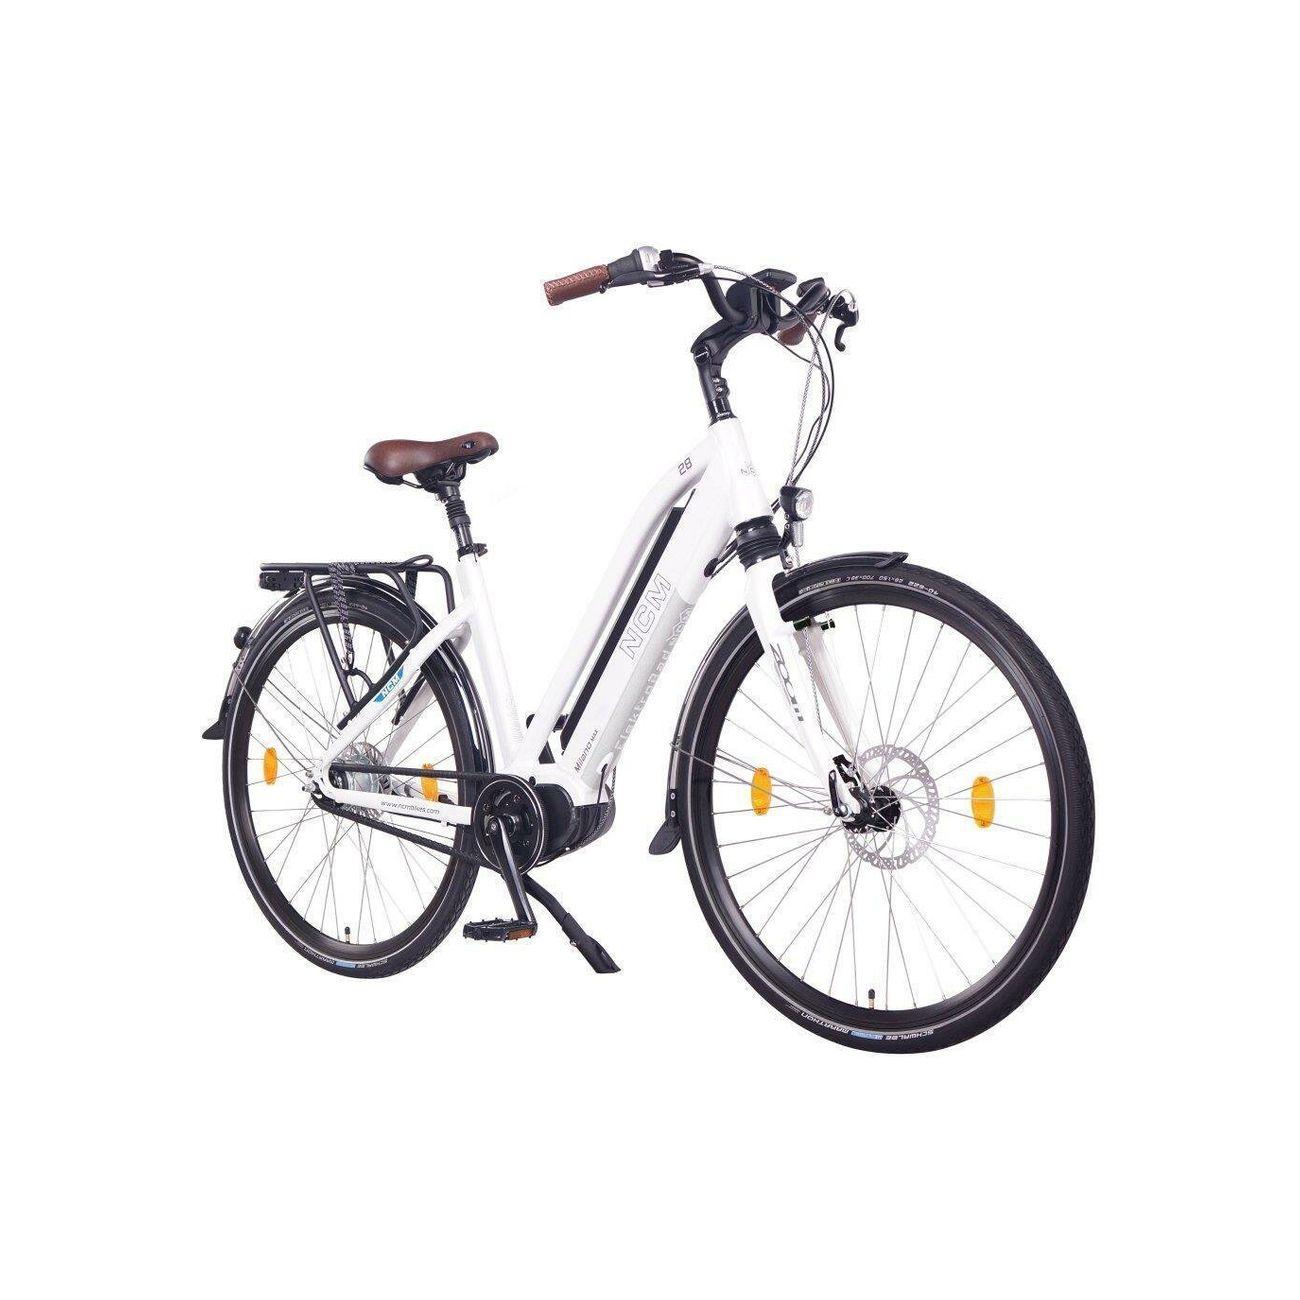 NCM NCM Bikes Milano Plus Blanc - 26